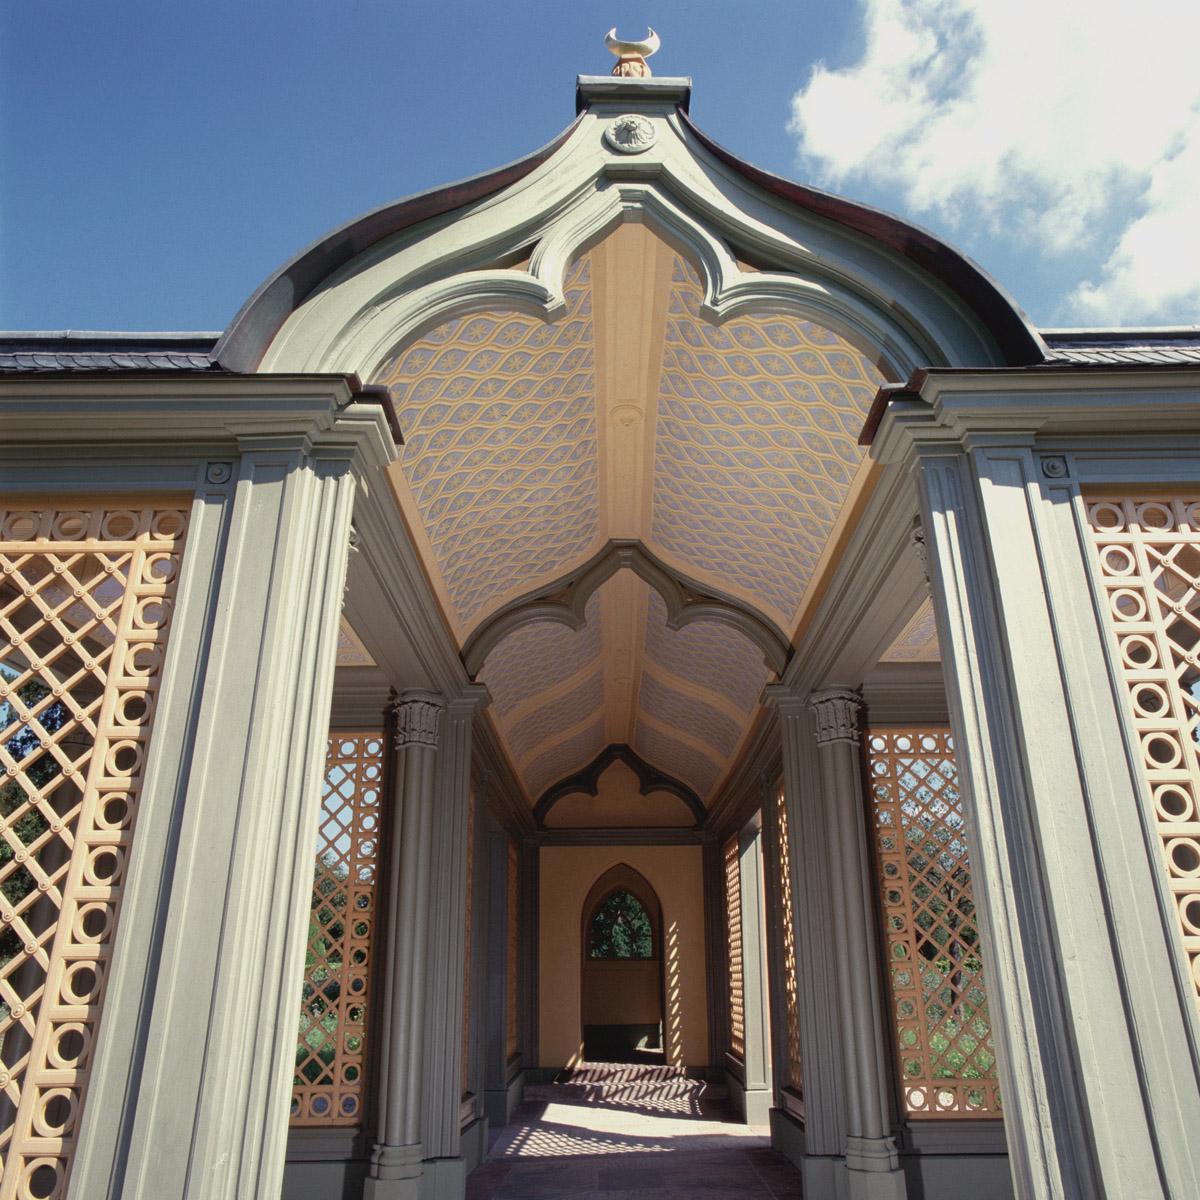 Dach des Wandelgangs der Moschee im Schlossgarten von Schloss Schwetzingen; Foto: Staatliche Schlösser und Gärten Baden-Württemberg, Steffen Hauswirth